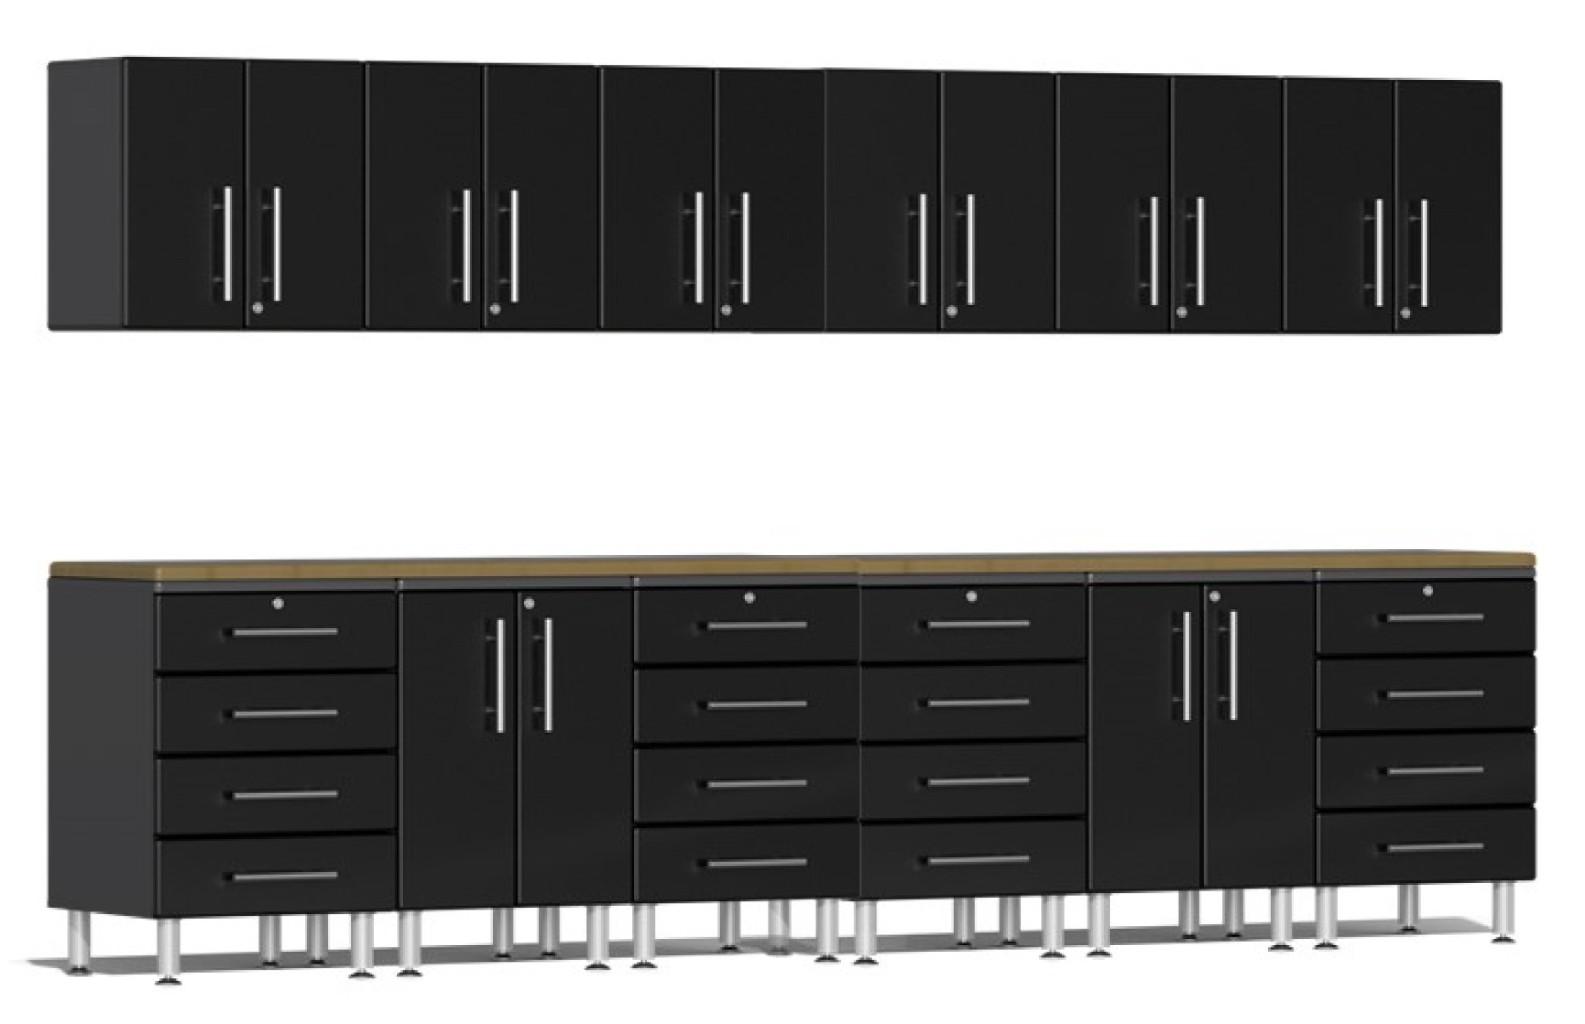 Ulti-MATE Garage 2.0 Series 14-Piece Set in Black Metallic UG23142B